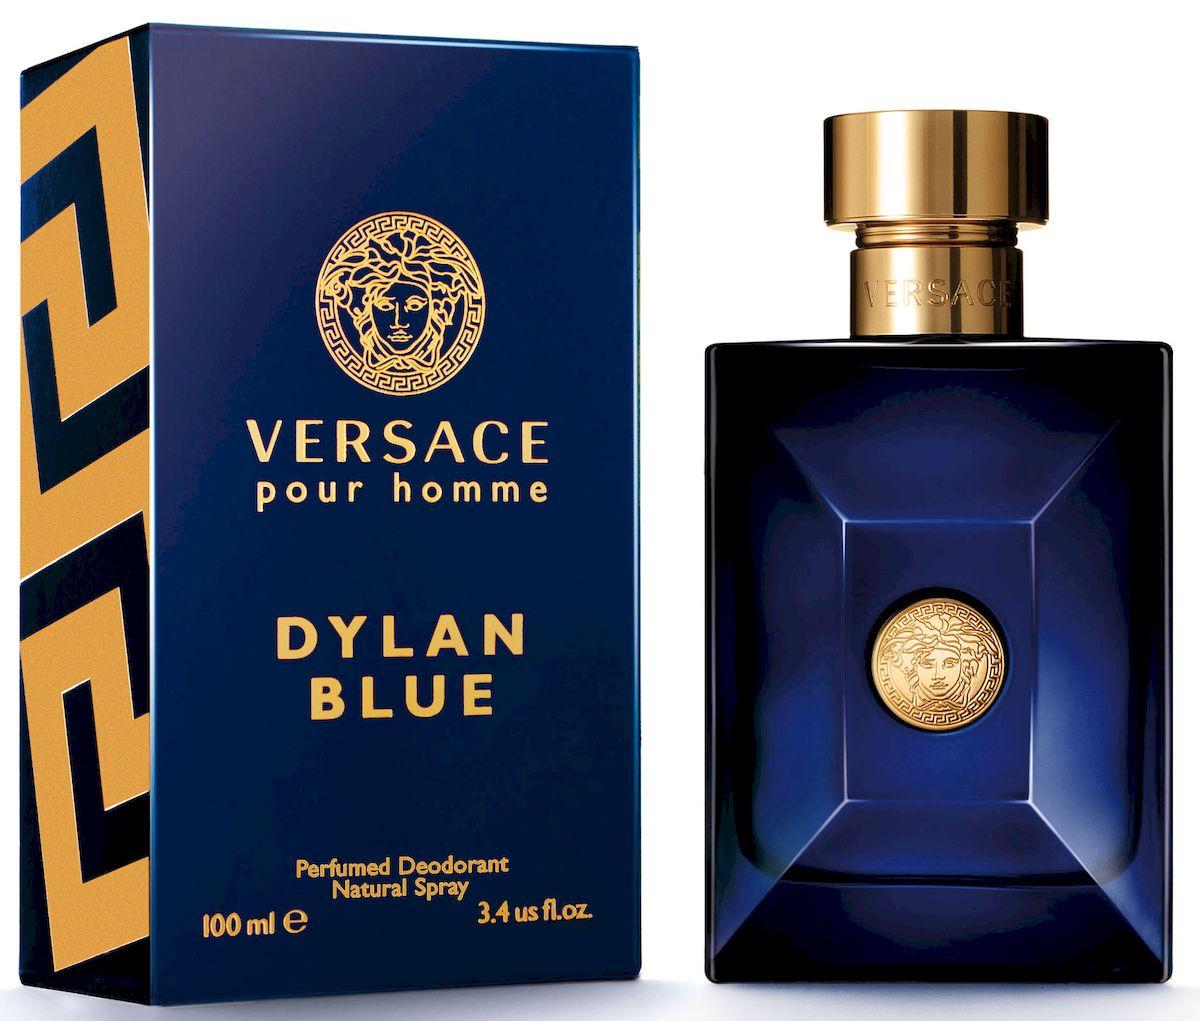 Versace Dylan Blue Дезодорант спрей 100 млSatin Hair 7 BR730MNDylan Blue - это воплощение современного мужчины Versace. Этот аромат с ярким индивидуальным характером пронизан мужественностью и харизмой. Уникальность этого фужерного аромата заключается в ярком древесном шлейфе - неповторимом сочетании природных компонентов и синтетических молекул последнего поколения.Верхняя нота: Калабрийский бергамот, Грейпфрут, Листья фигового дерева, Акватические ноты* (*фантазийный аккорд морской свежести).Средняя нота: Листья фиалки, Черный перец, Киприол, Амброксан, Пачули BIO.Шлейф: Минеральный мускус, Бобы тонка, Шафран, Ладан.Древесный ароматический фужерный.Dylan Blue - это воплощение современного мужчины Versace. Этот аромат с ярким индивидуальным характером пронизан мужественностью и харизмой.